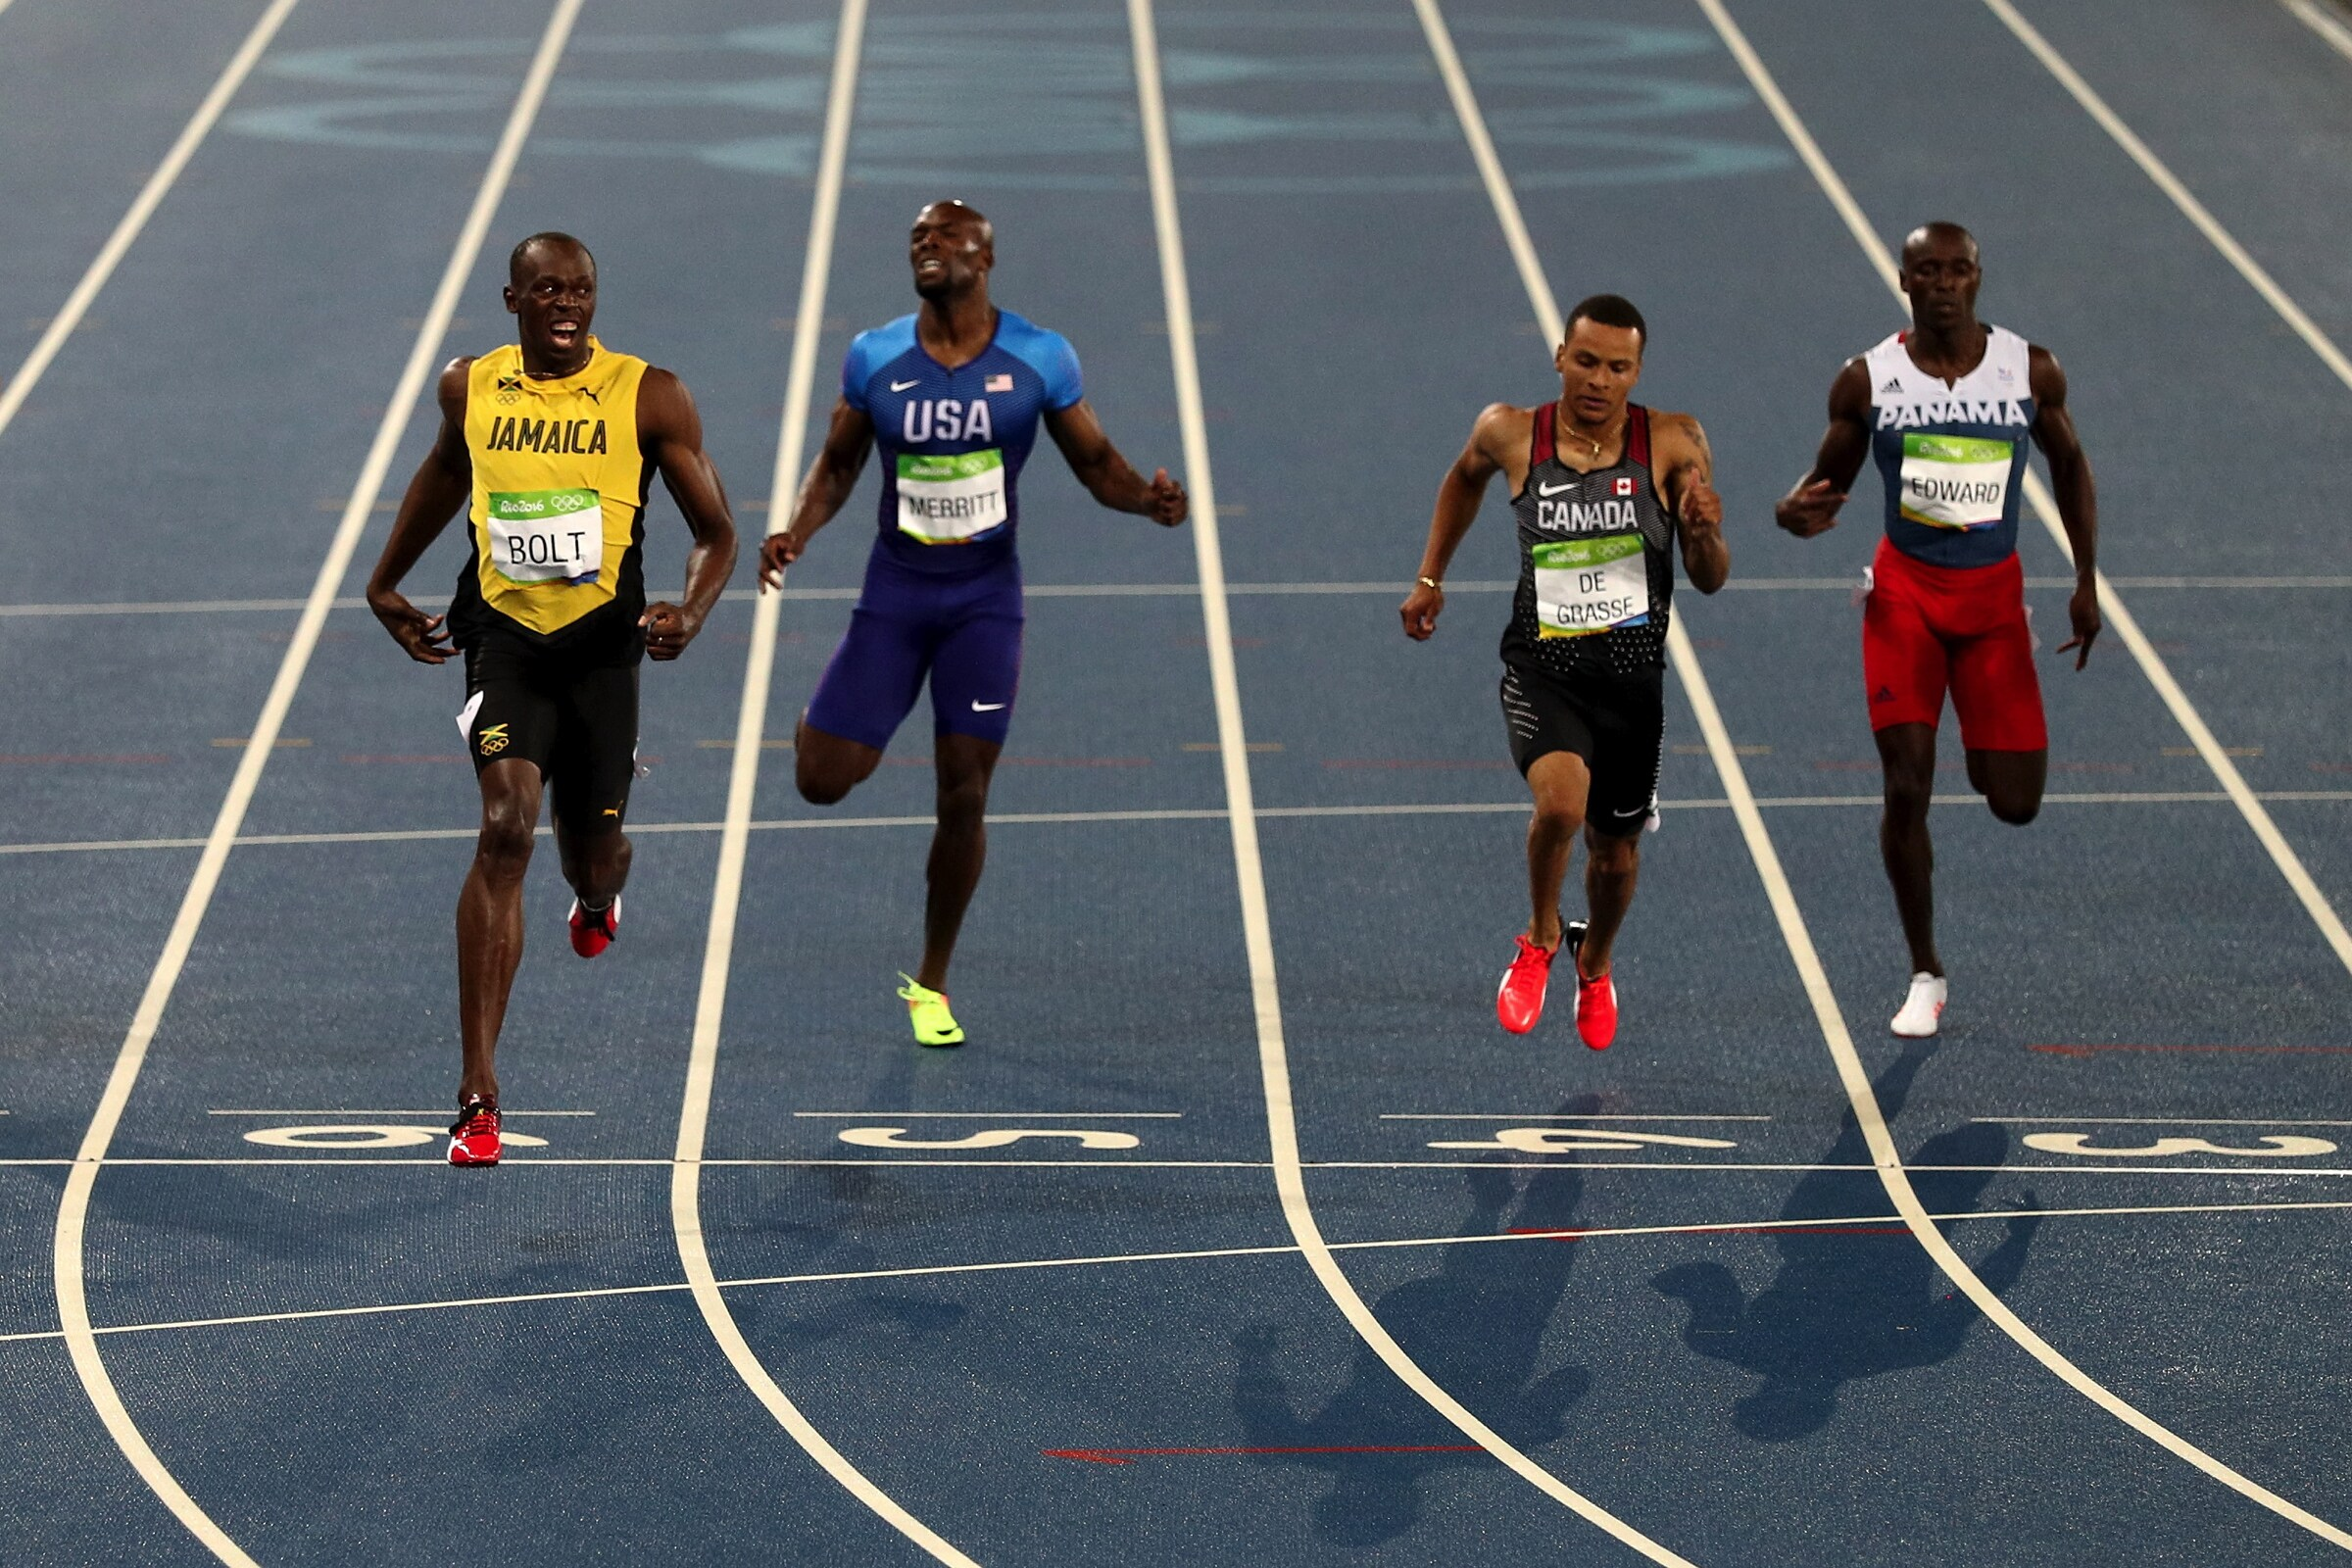 Athletics - 200m Men